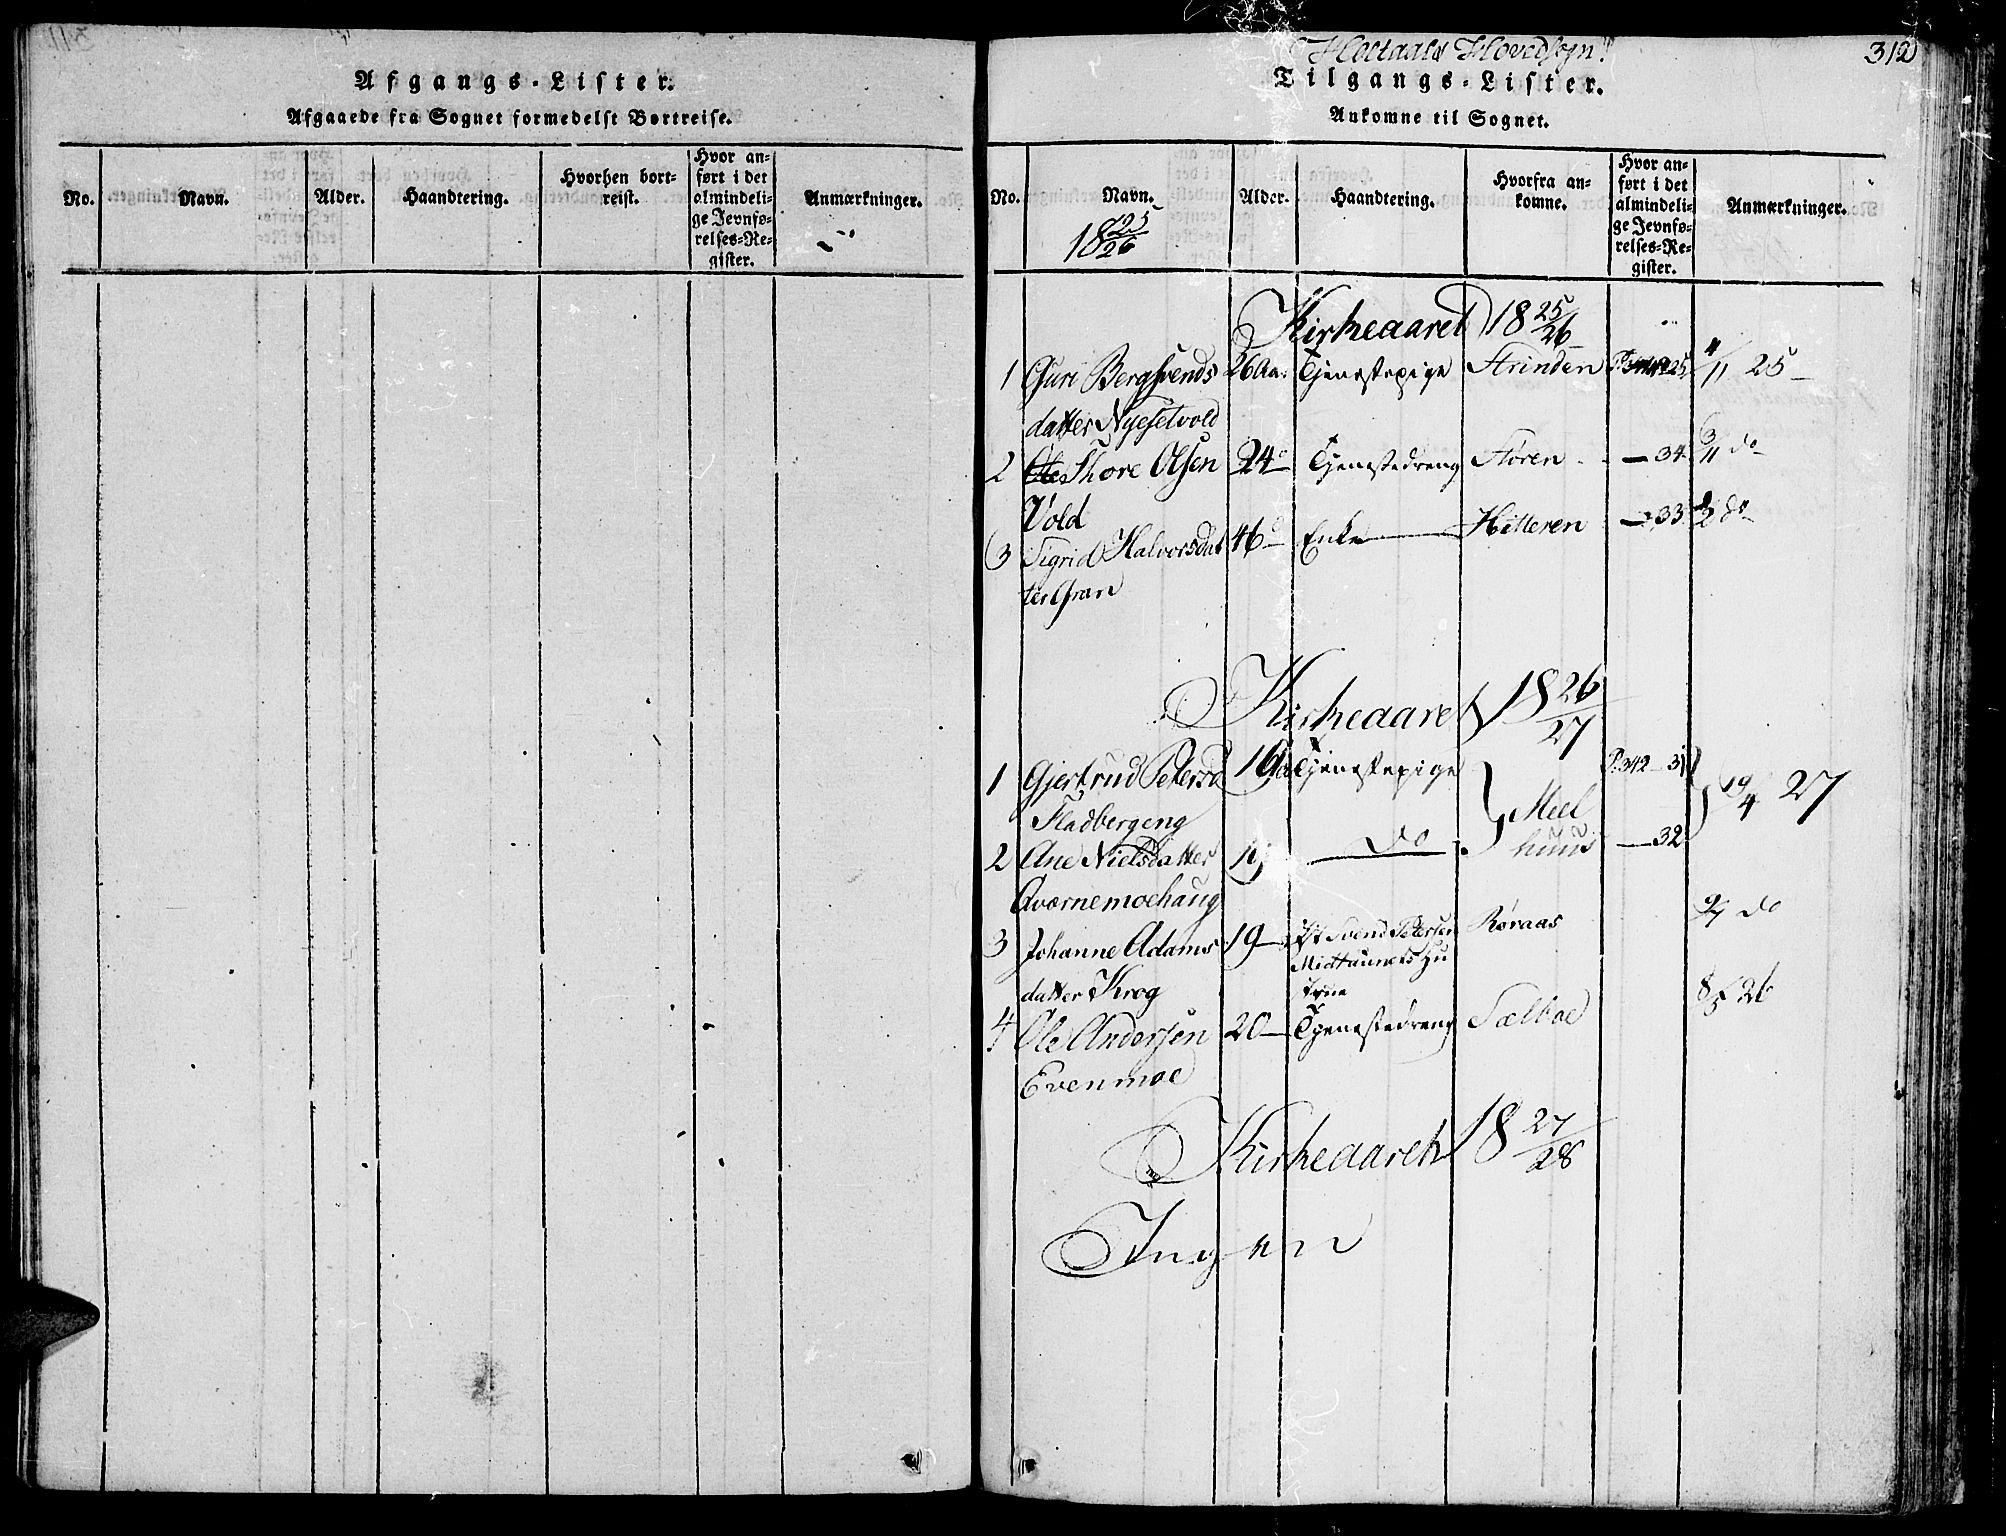 SAT, Ministerialprotokoller, klokkerbøker og fødselsregistre - Sør-Trøndelag, 685/L0954: Ministerialbok nr. 685A03 /1, 1817-1829, s. 312